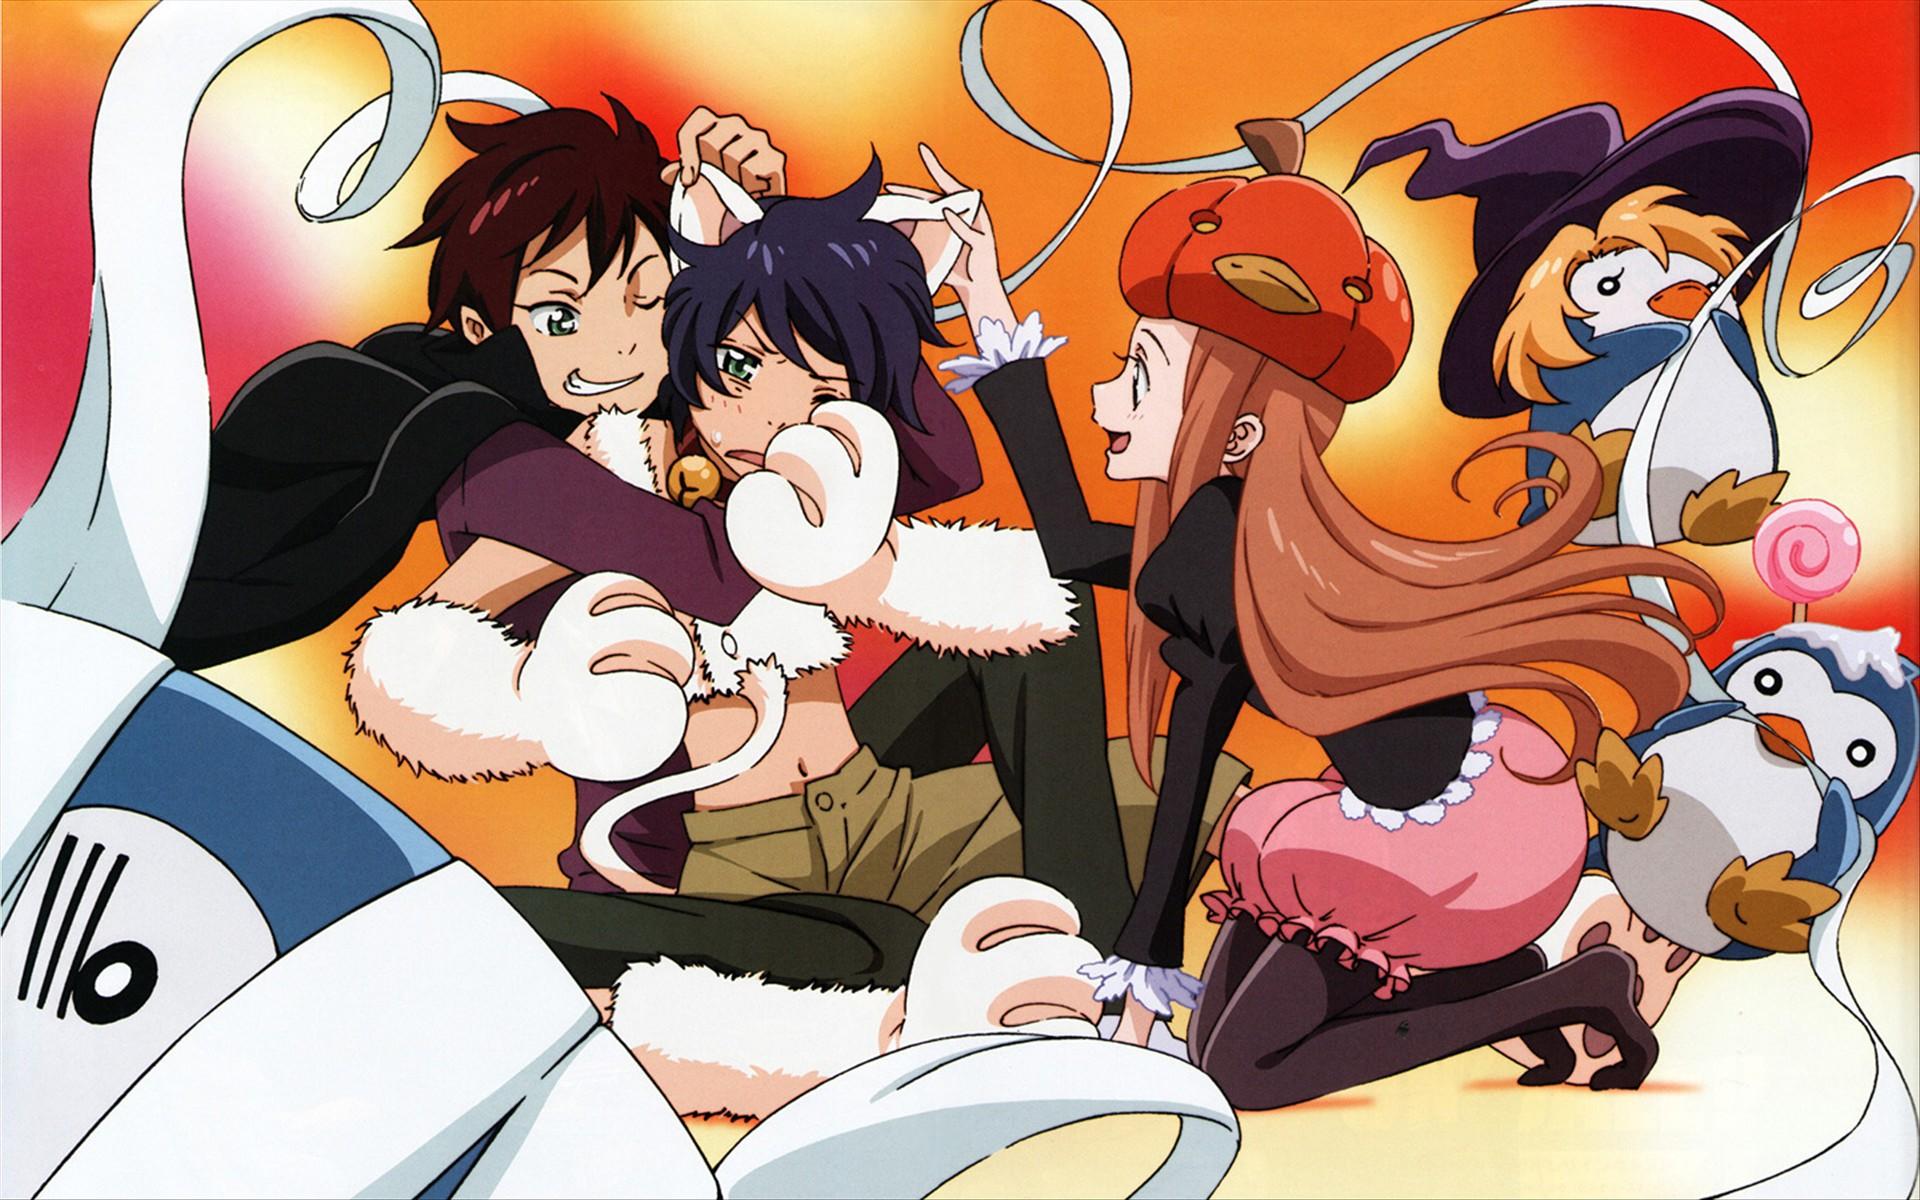 Kết quả hình ảnh cho Mawaru Penguindrum anime